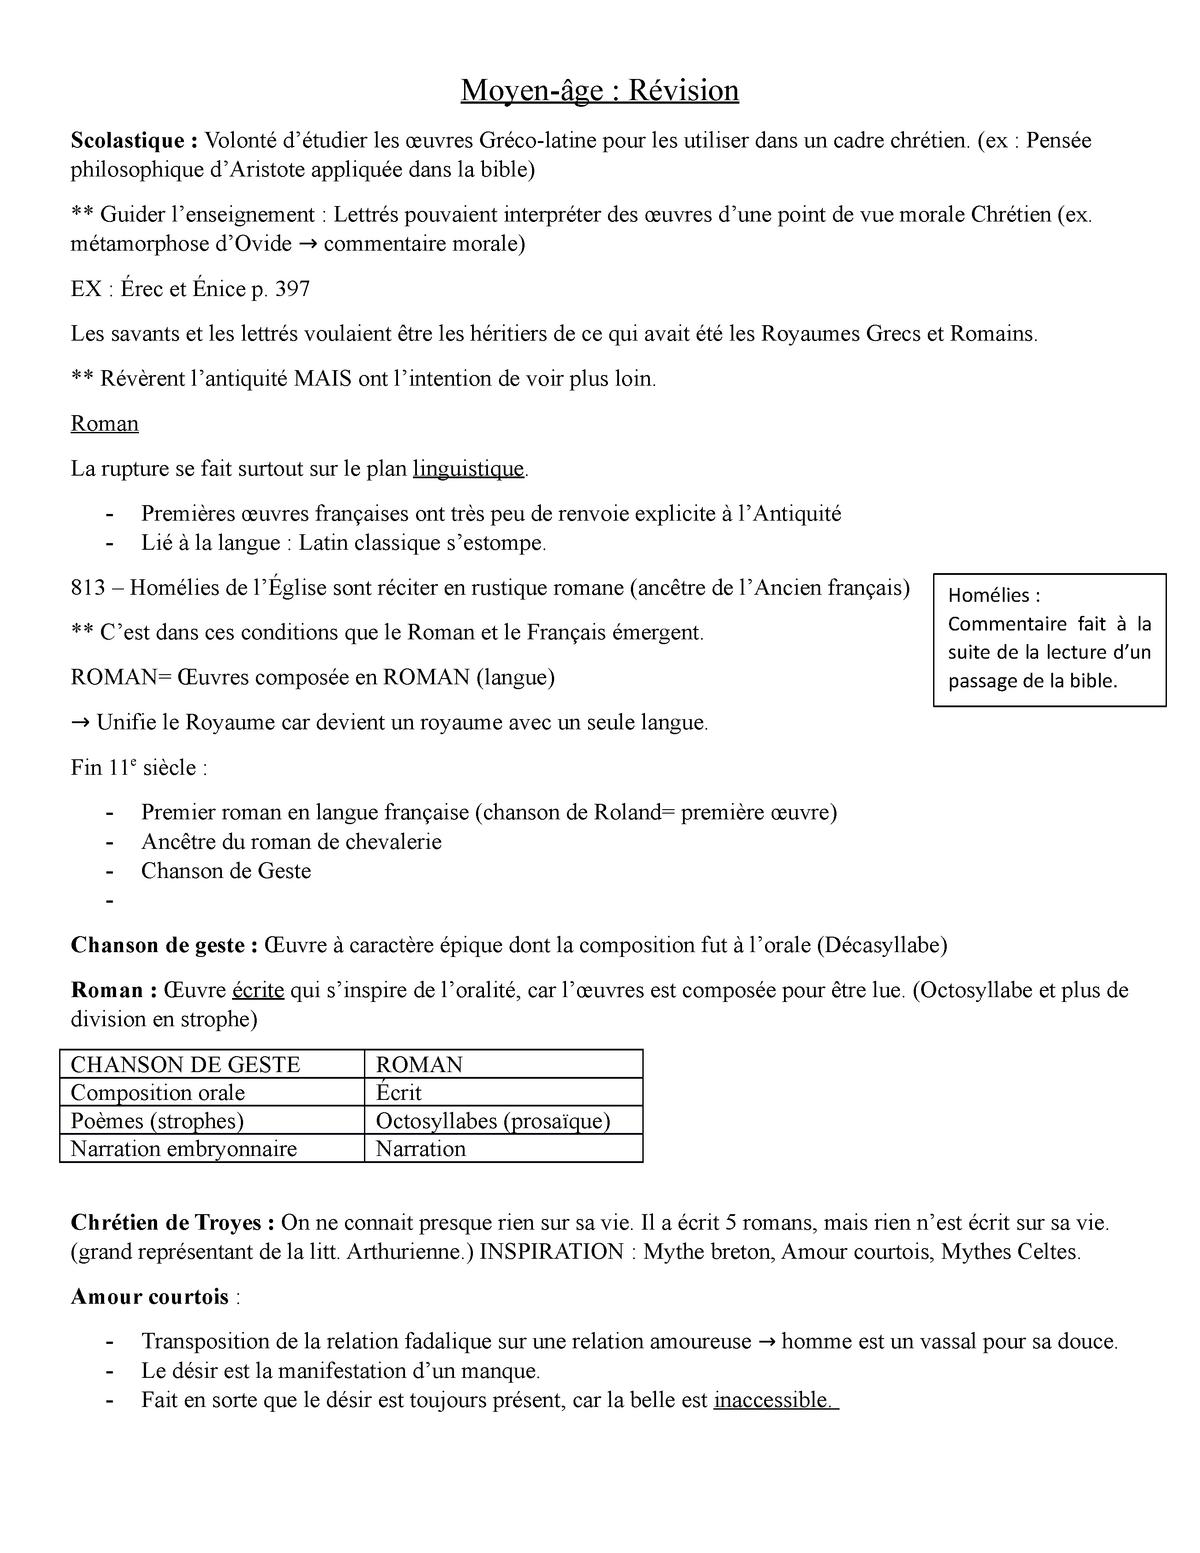 Antiquité à La Renaissance Résumé Elc109 Littérature De